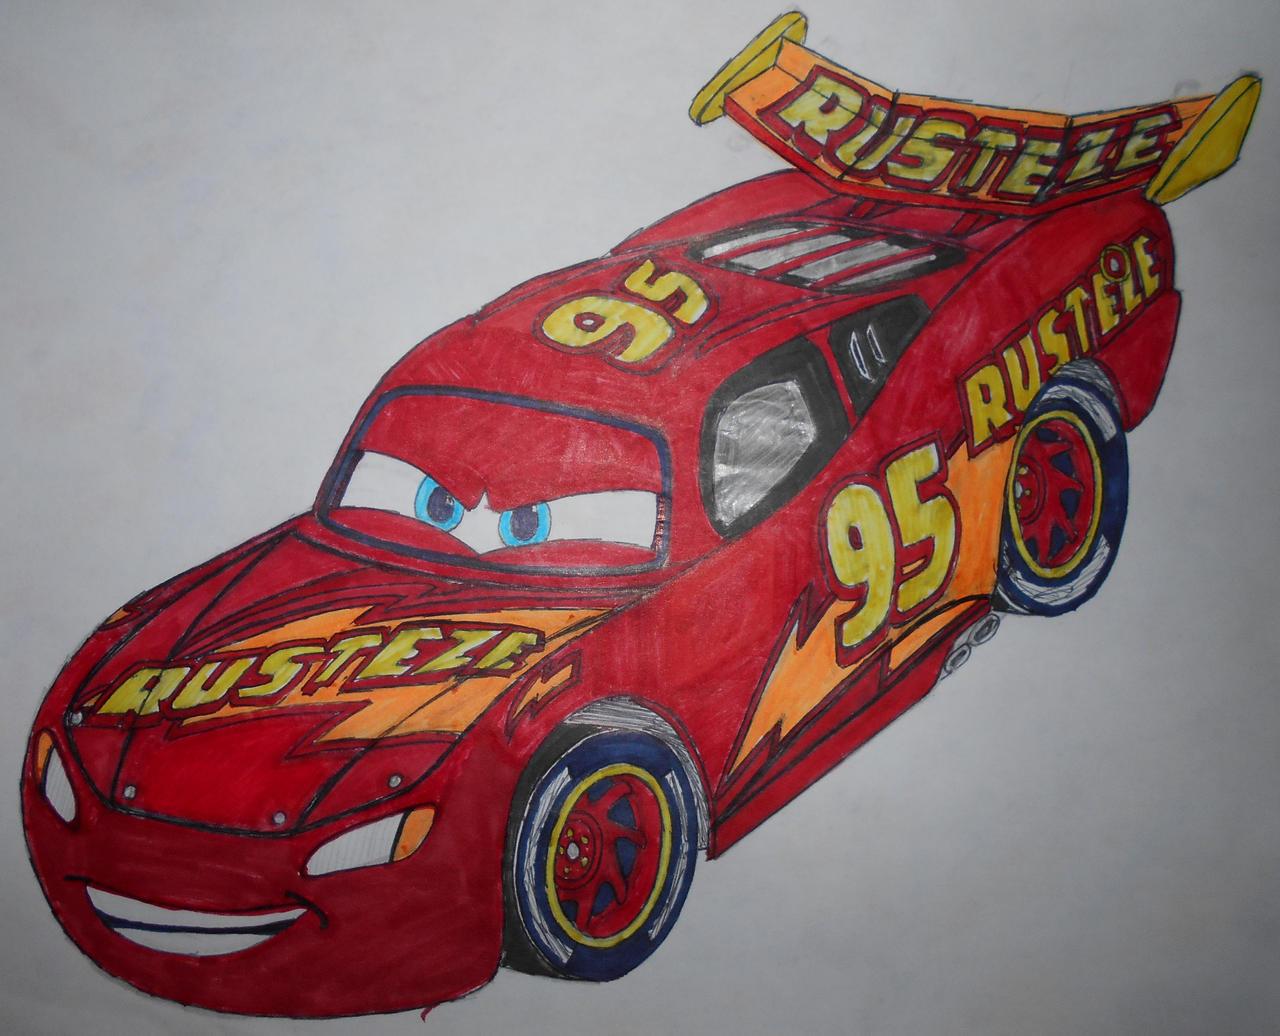 Cars 3 Next Generation Lightning Mcqueen 2 0 By Sgtjack2016 On Deviantart